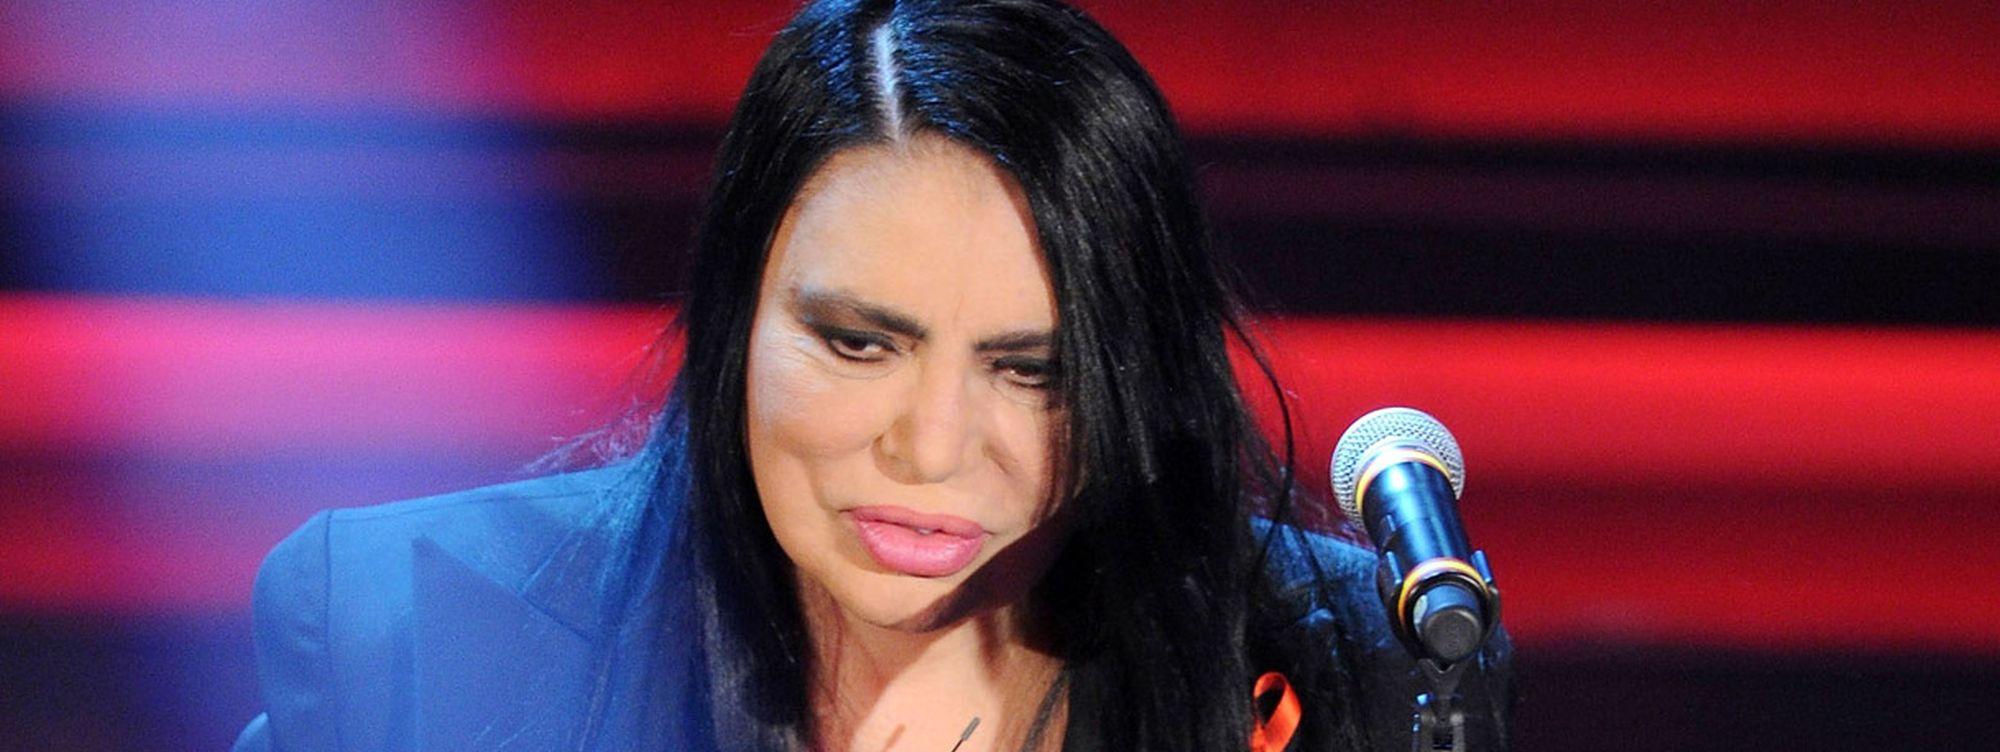 """Loredana Bertè a Sanremo 2019 con """"Cosa ti aspetti da me"""": testo, audio, significato"""